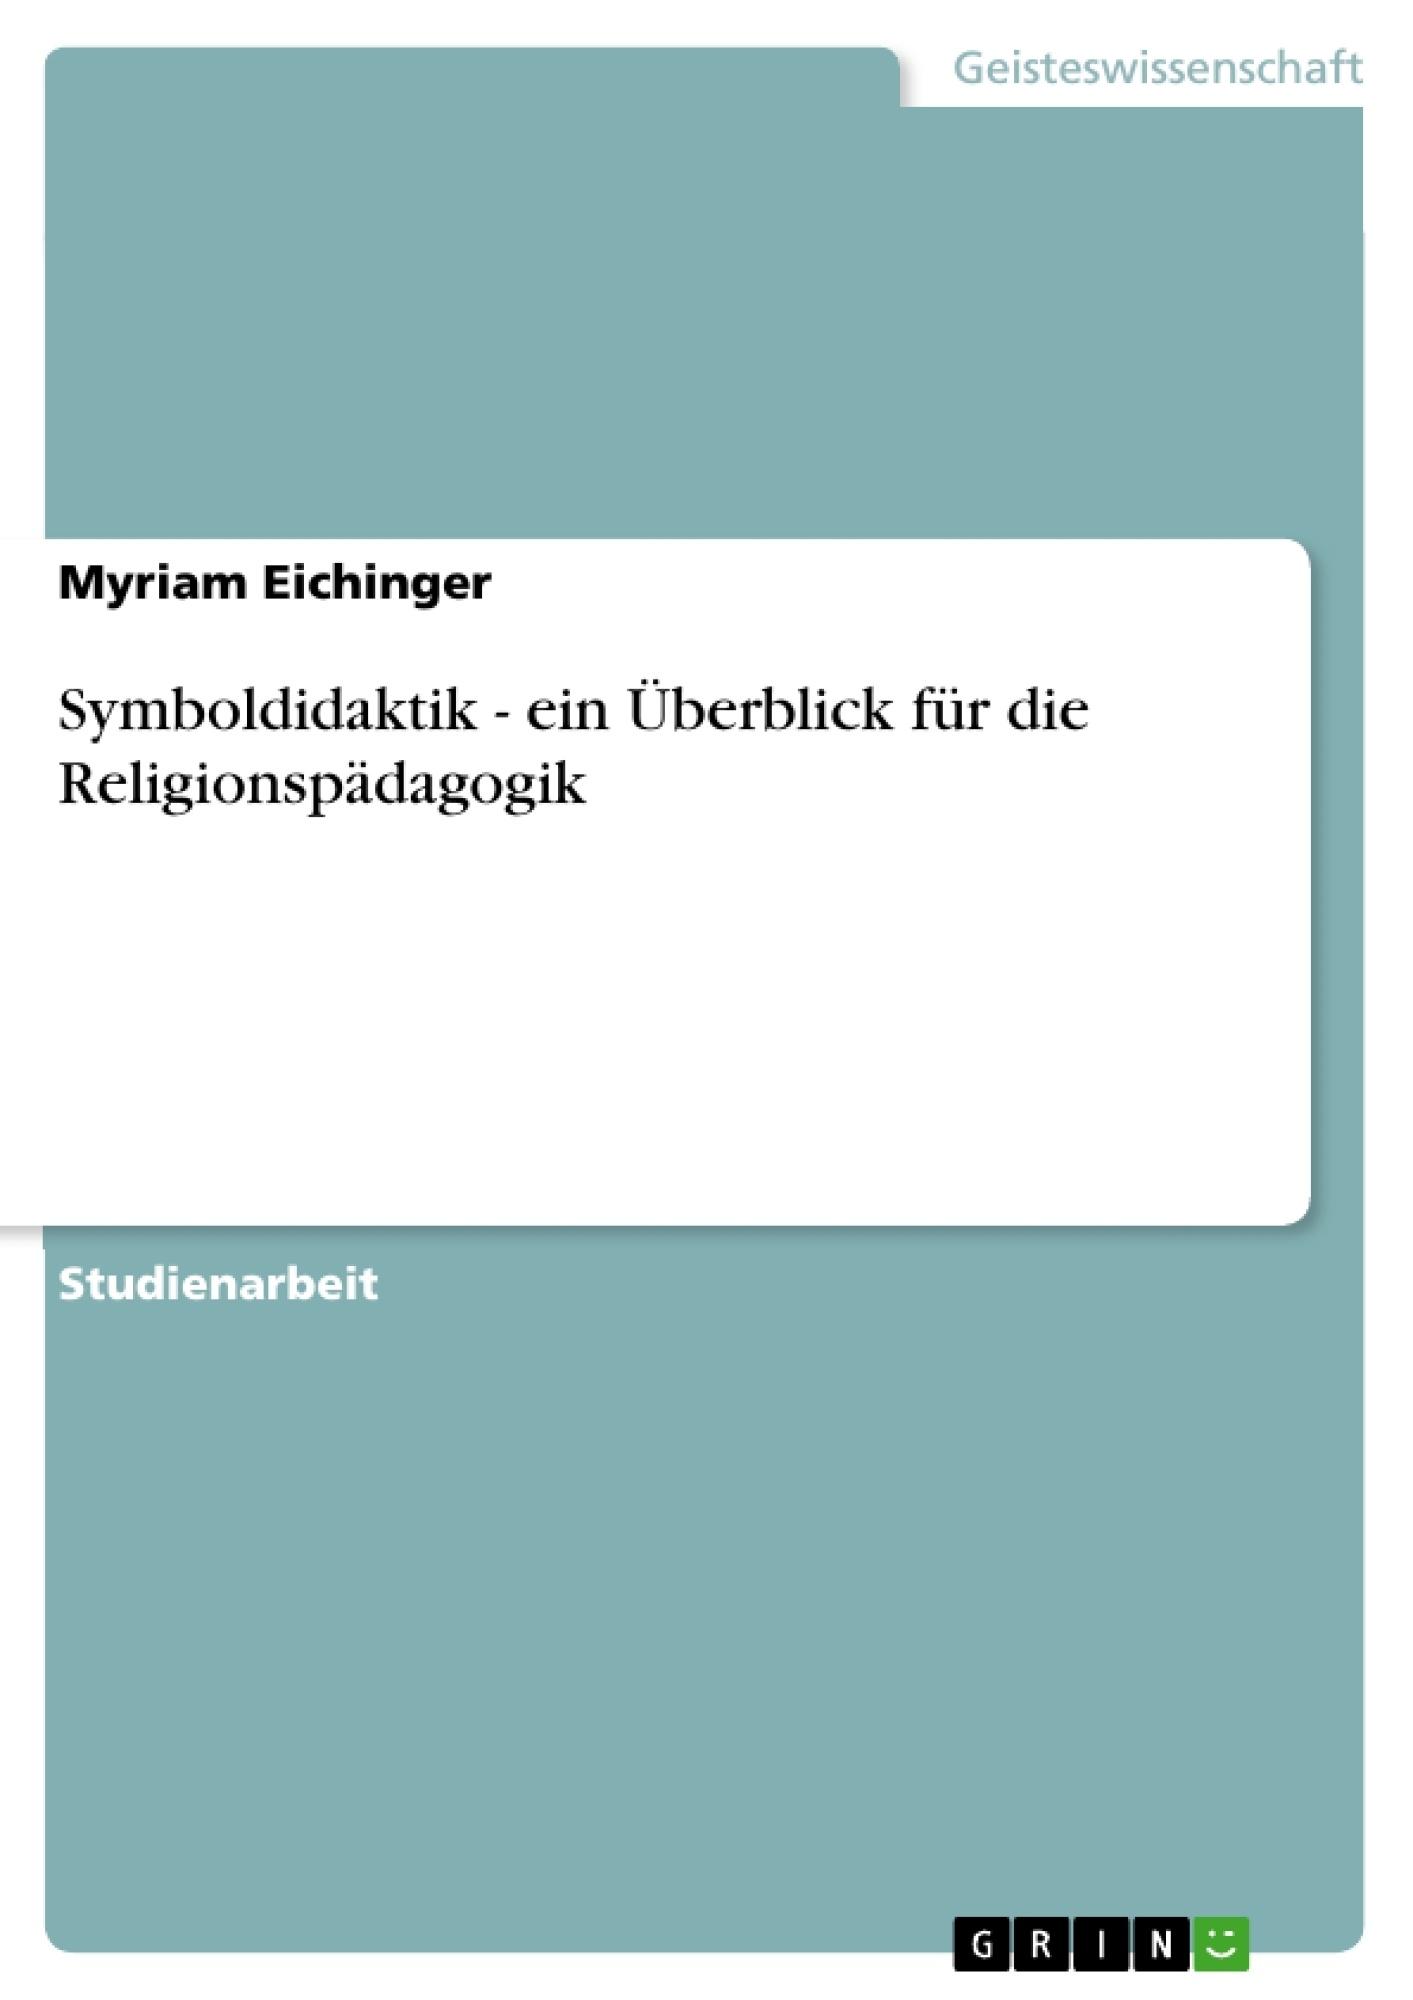 Titel: Symboldidaktik - ein Überblick für die Religionspädagogik